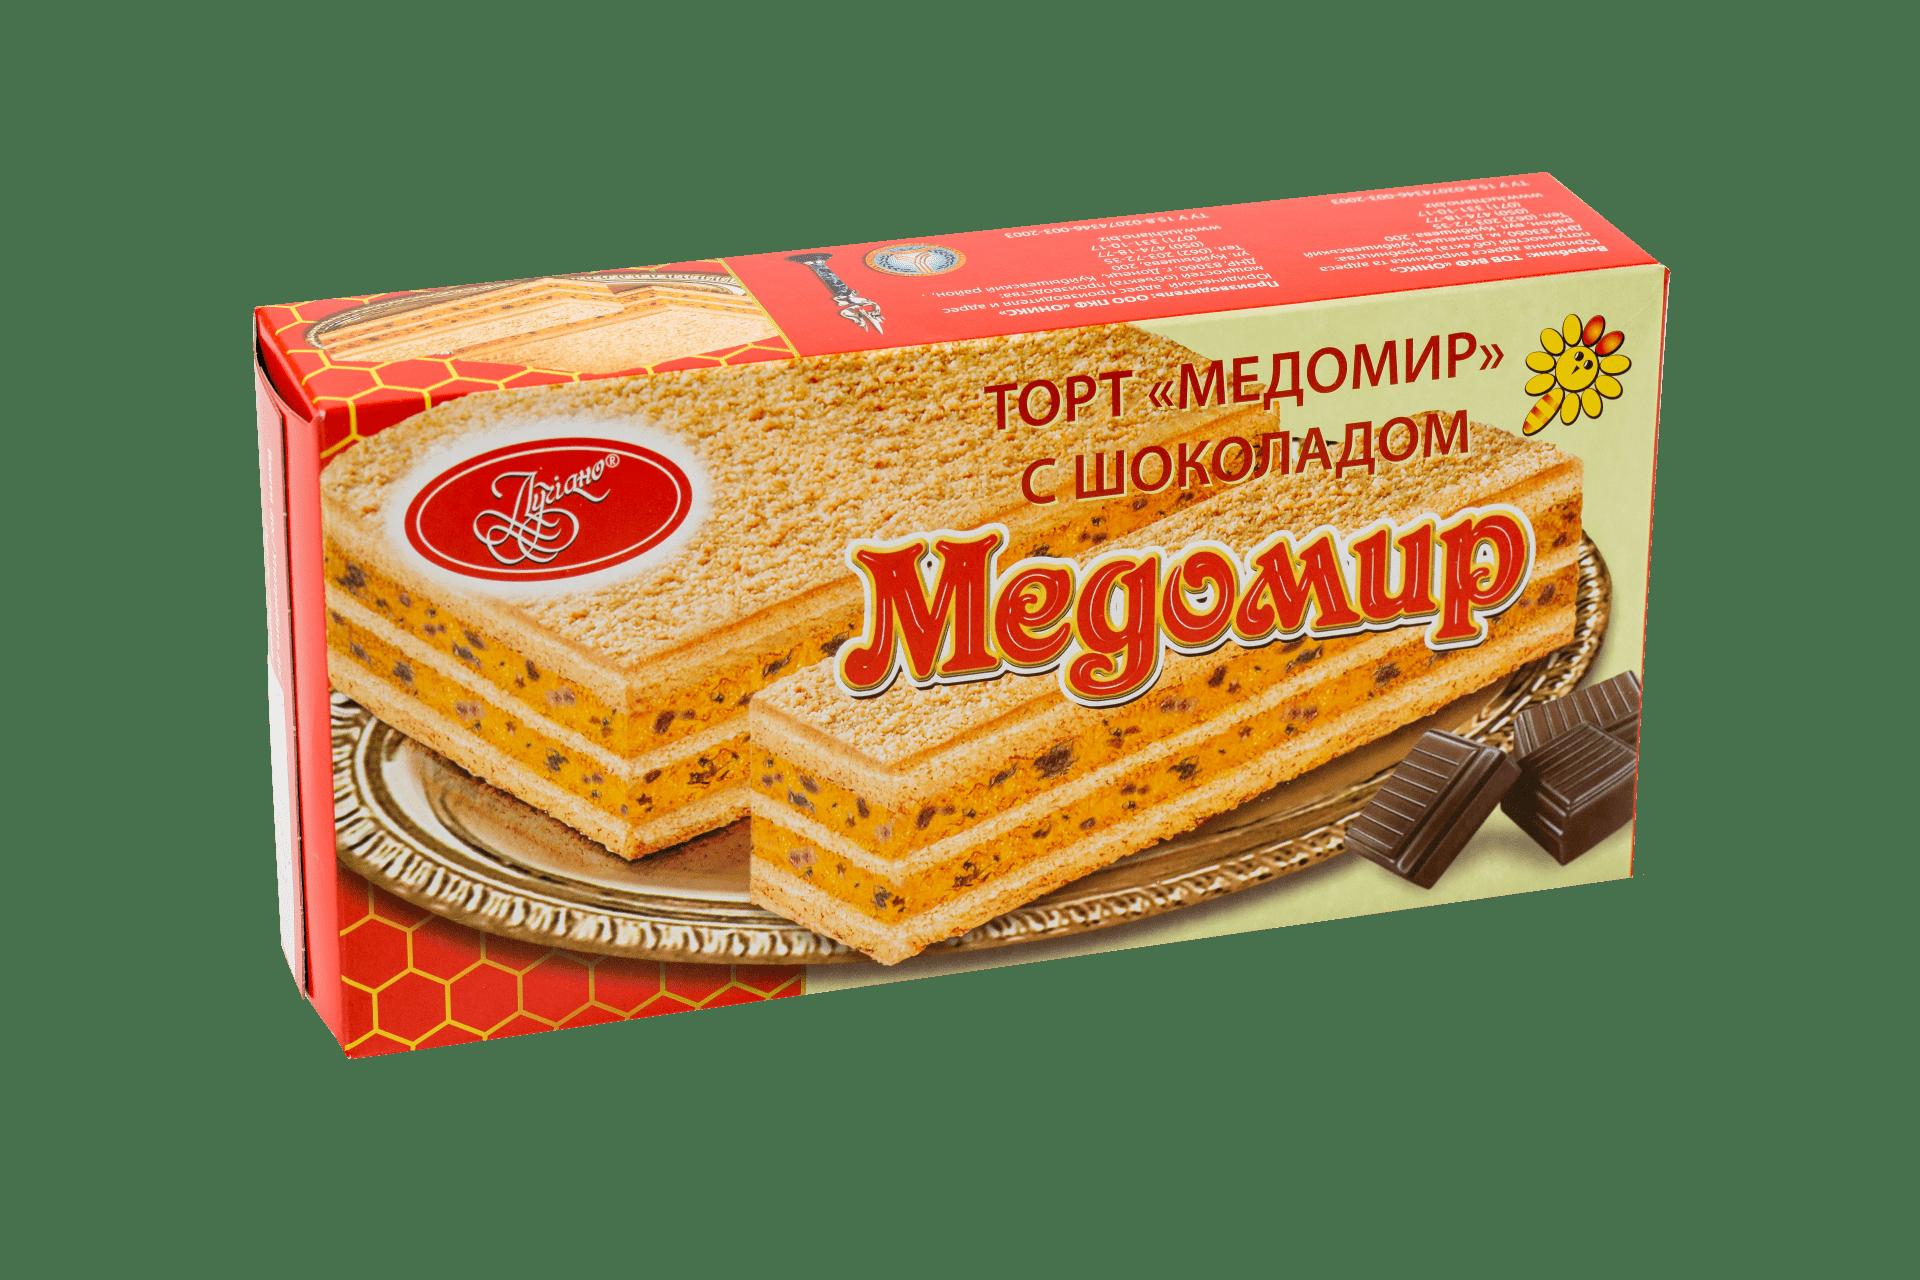 Торт Медомир с шоколадом 1